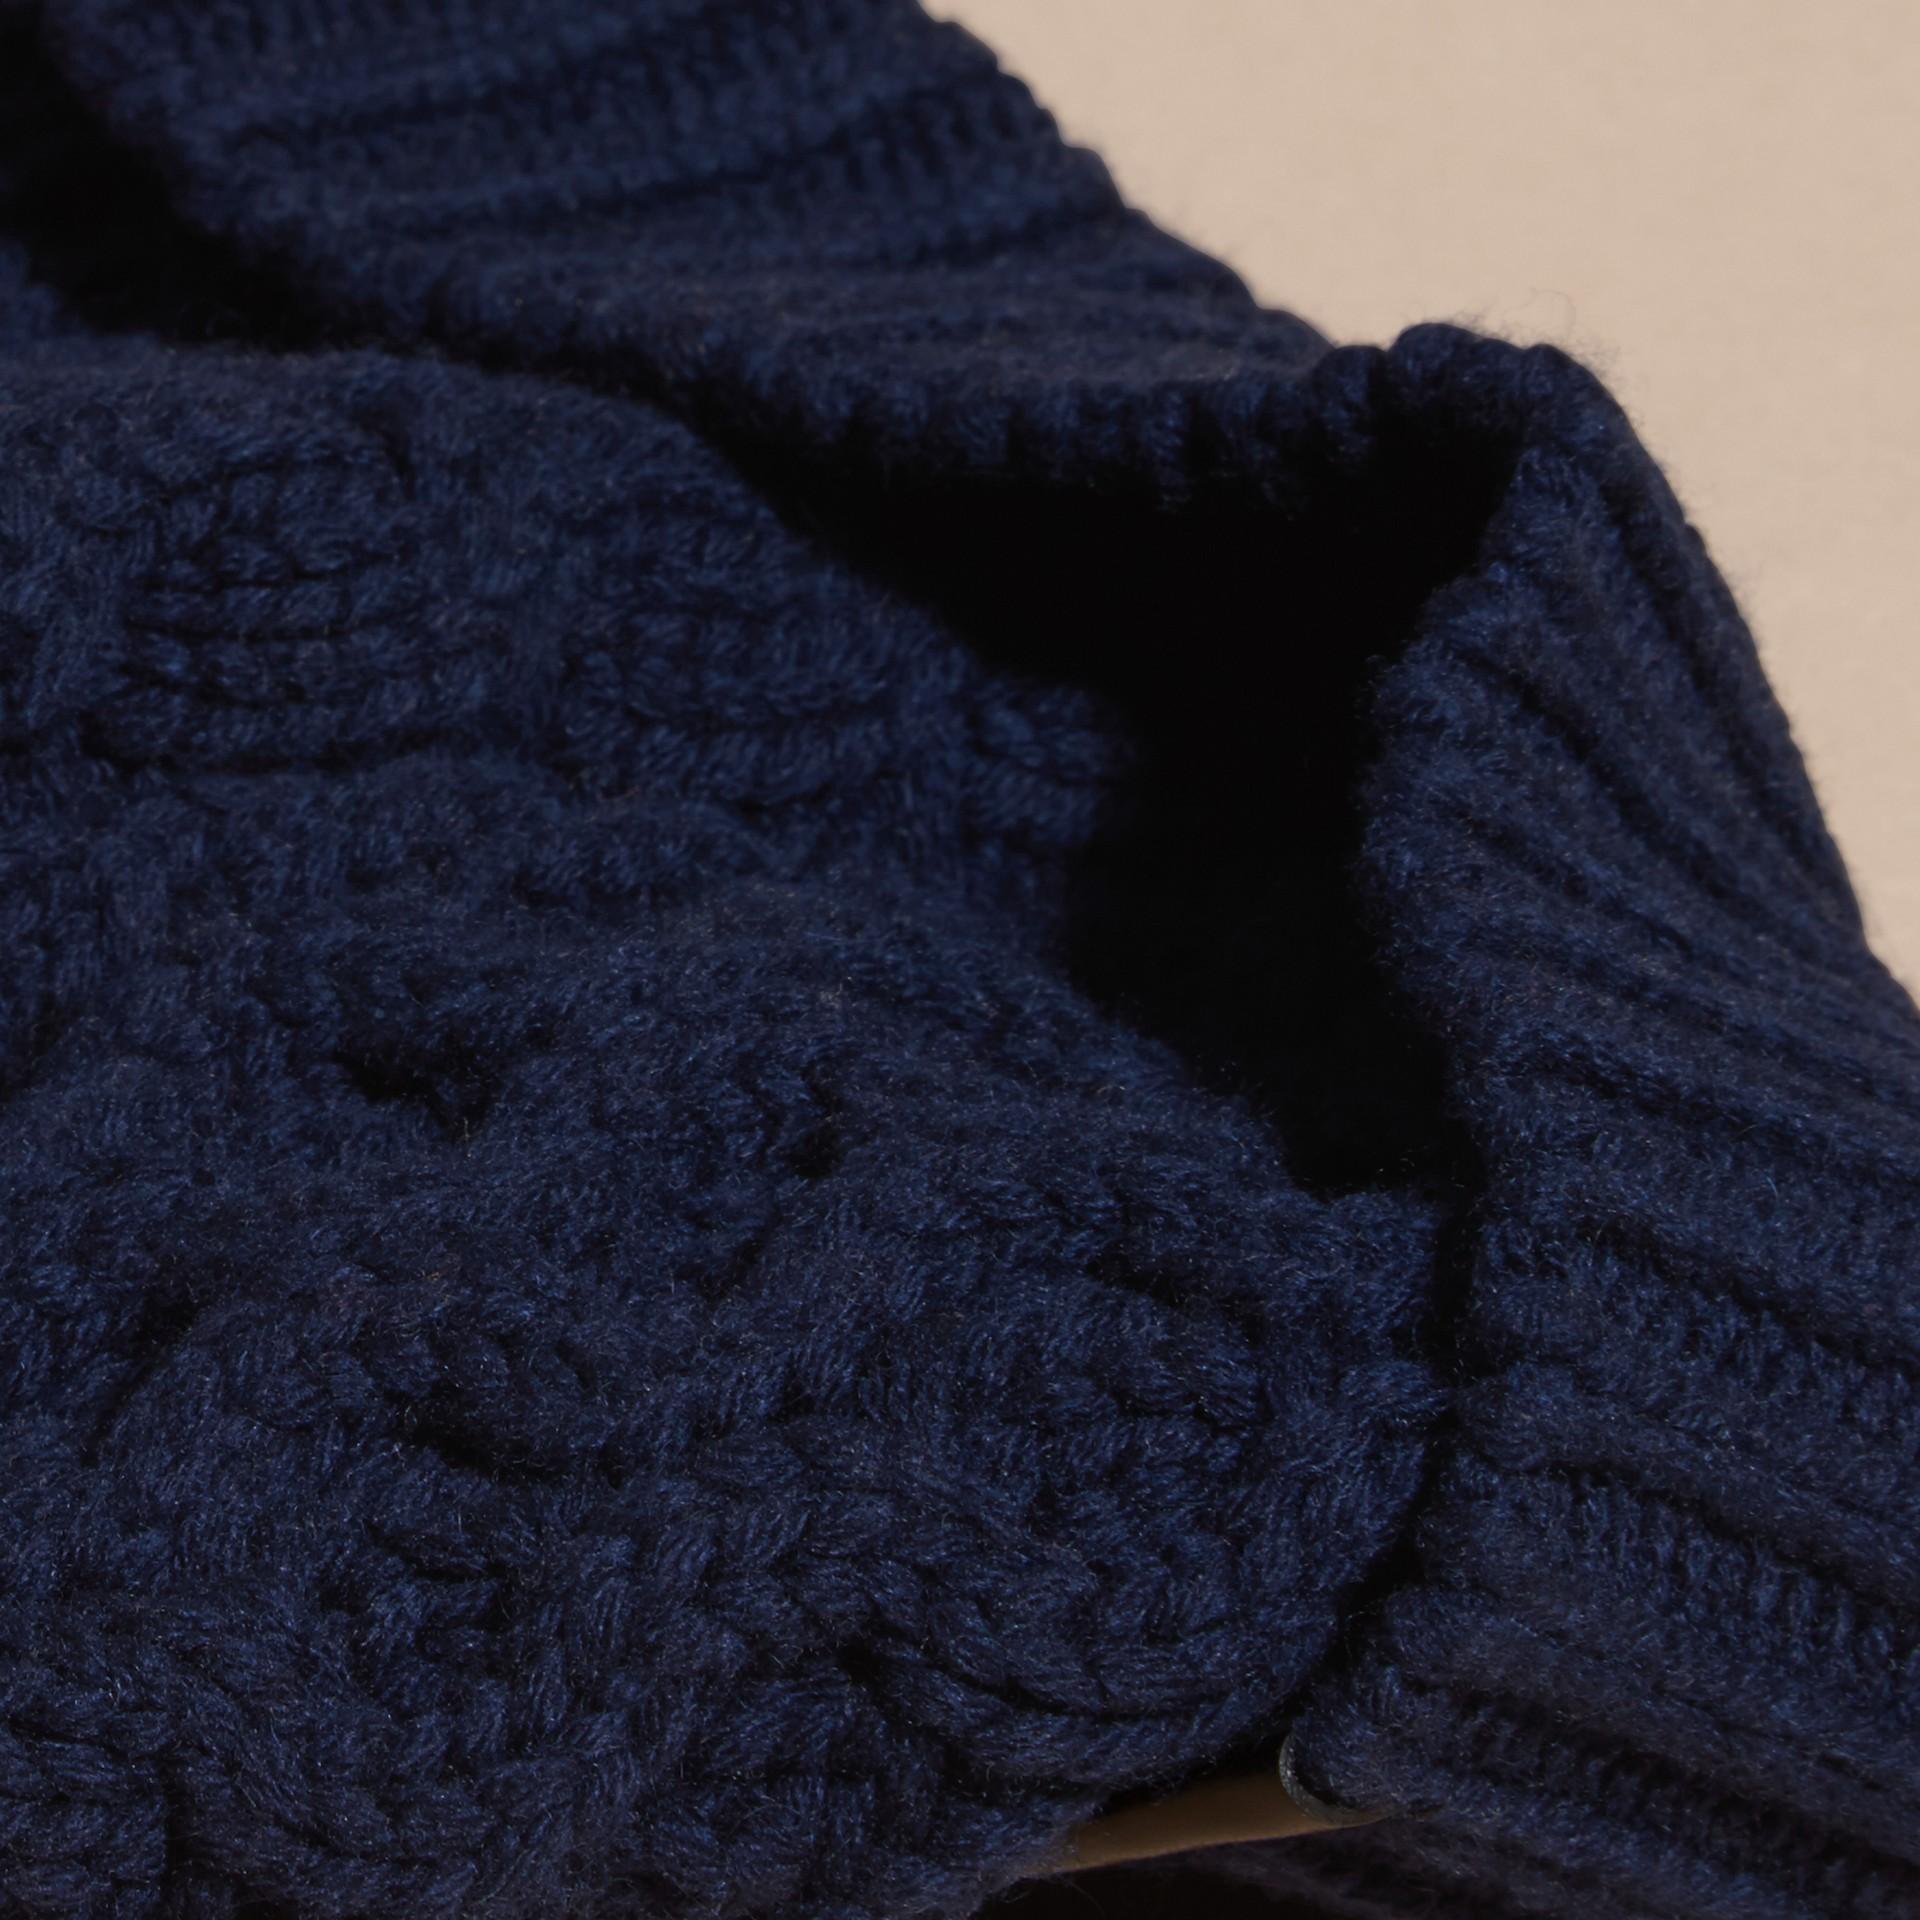 Marine foncé Bonnet en laine et cachemire en points irlandais Marine Foncé - photo de la galerie 2